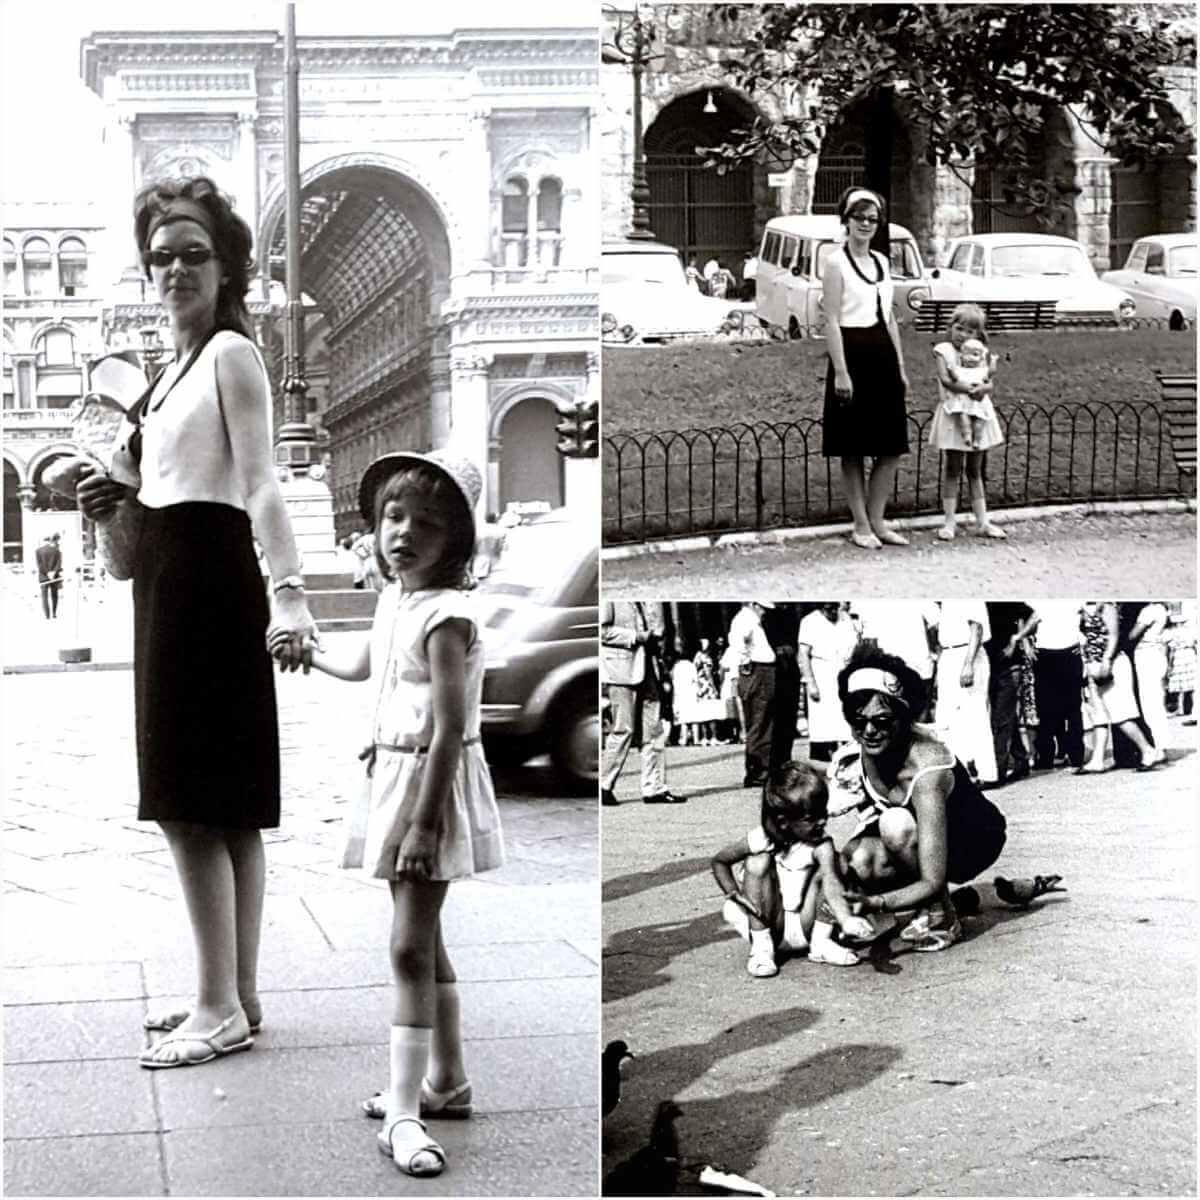 Collage drei Bilder: Mutter und Tochter in Schwarzweiß in verschiedenen Städten.